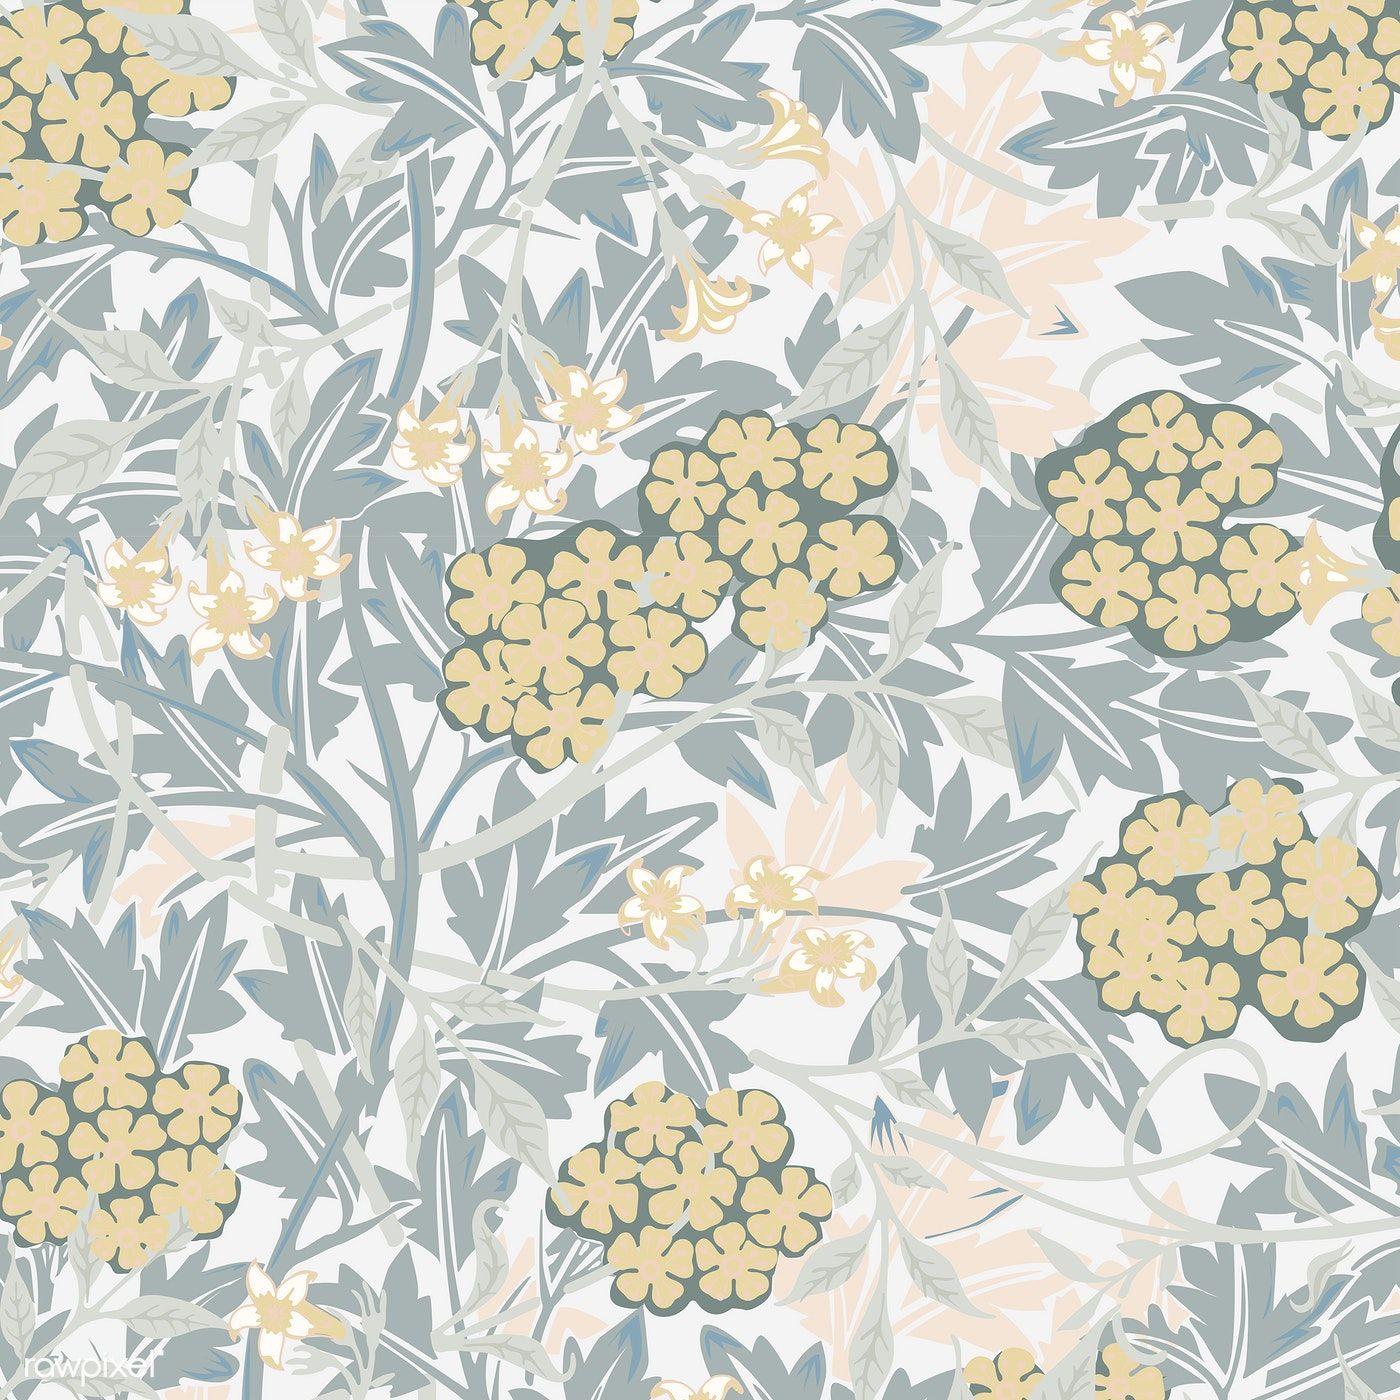 Download Premium Vector Of Vintage Illustration Of Jasmine 496116 Vintage Illustration William Morris Patterns Leaf Illustration